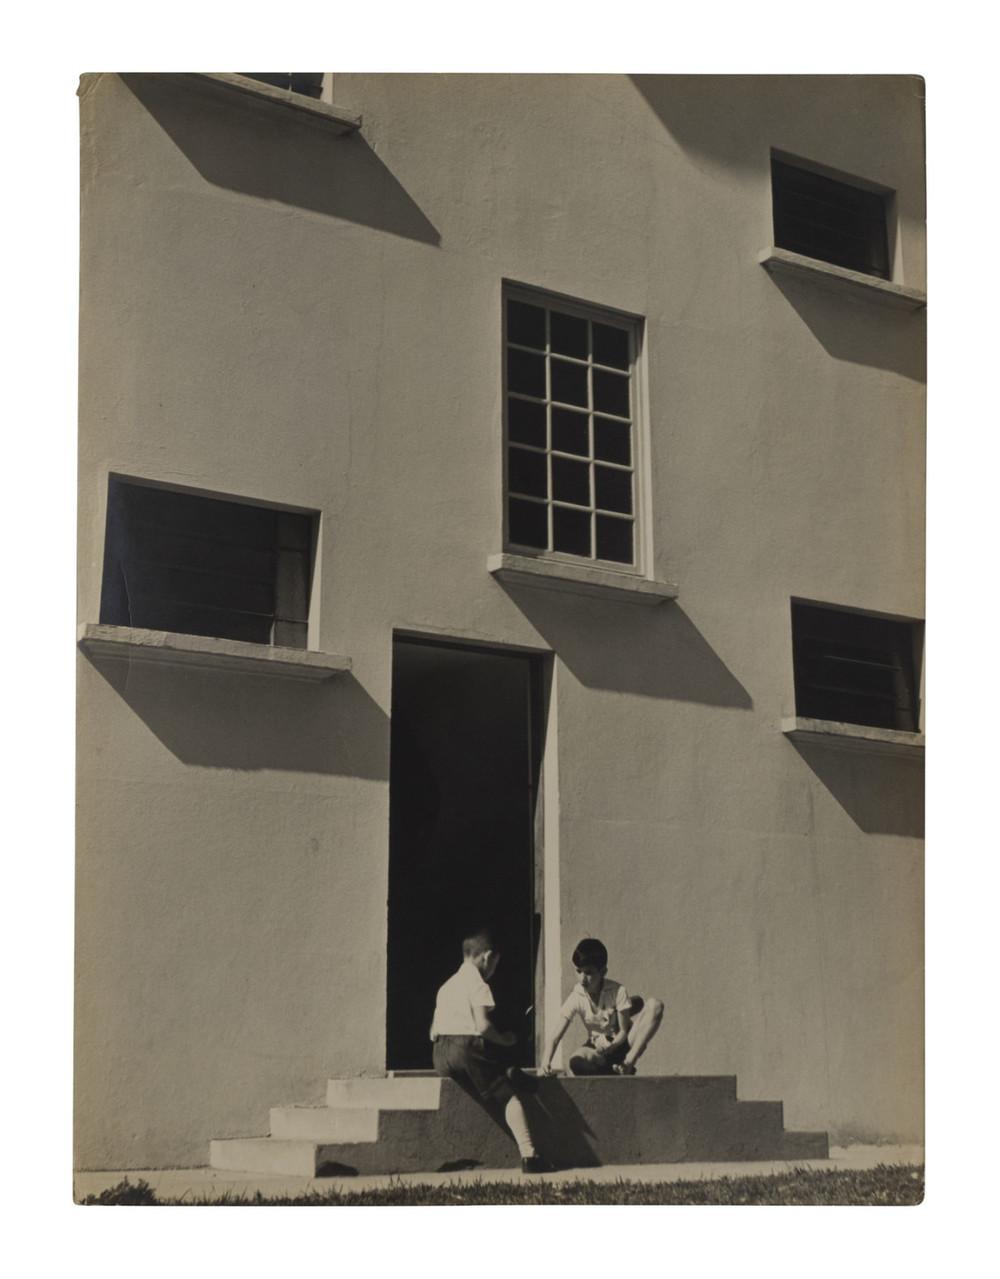 Apartamento-na-Mooca-rua-do-Oratório-1951-por-German-Lorca-c.-1951-e1450712561211.jpg